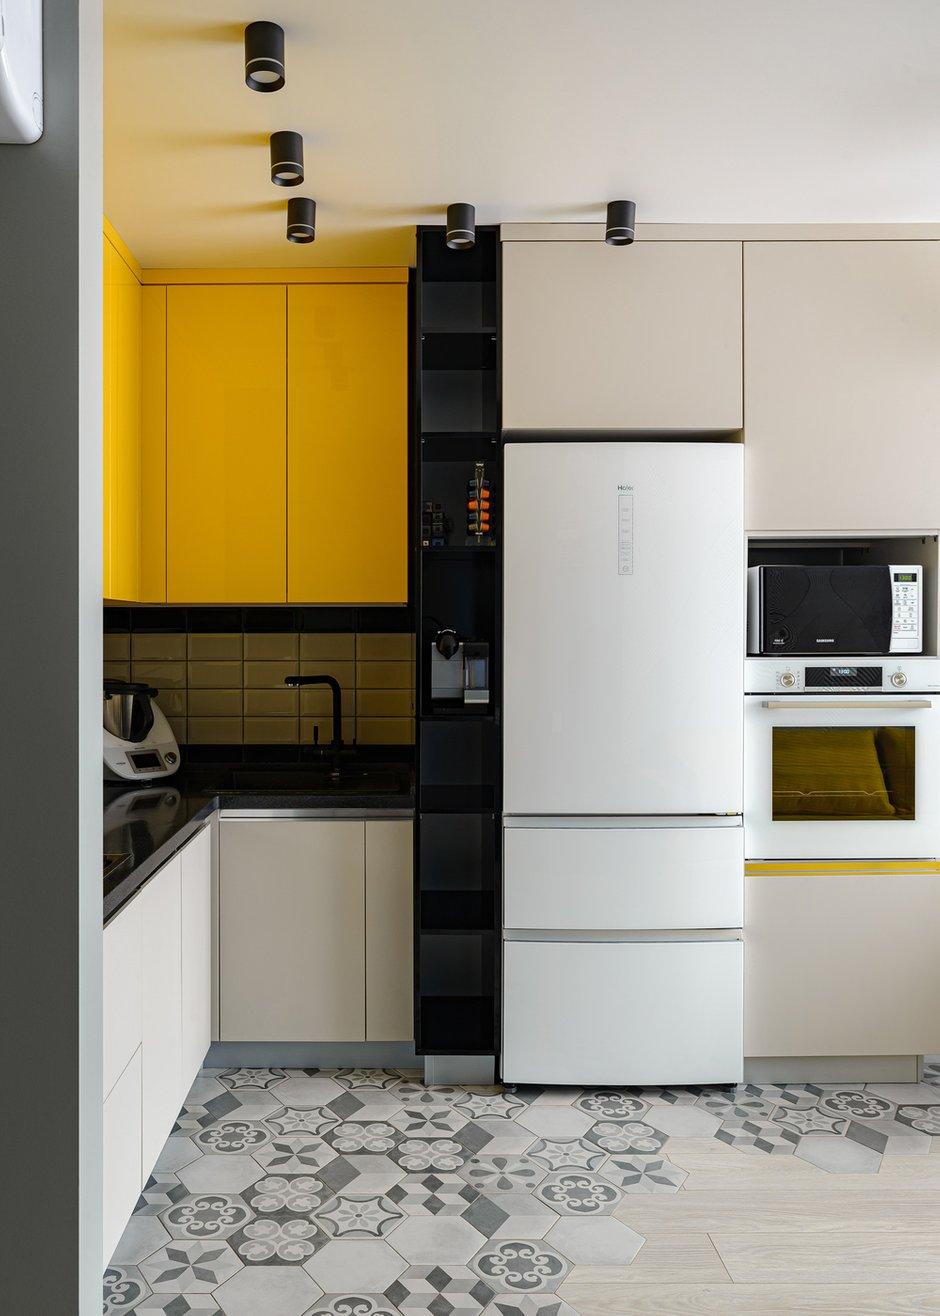 Фотография: Кухня и столовая в стиле Современный, Квартира, Проект недели, Новосибирск, 3 комнаты, 60-90 метров, Студия 3D, Полина Марченко – фото на INMYROOM